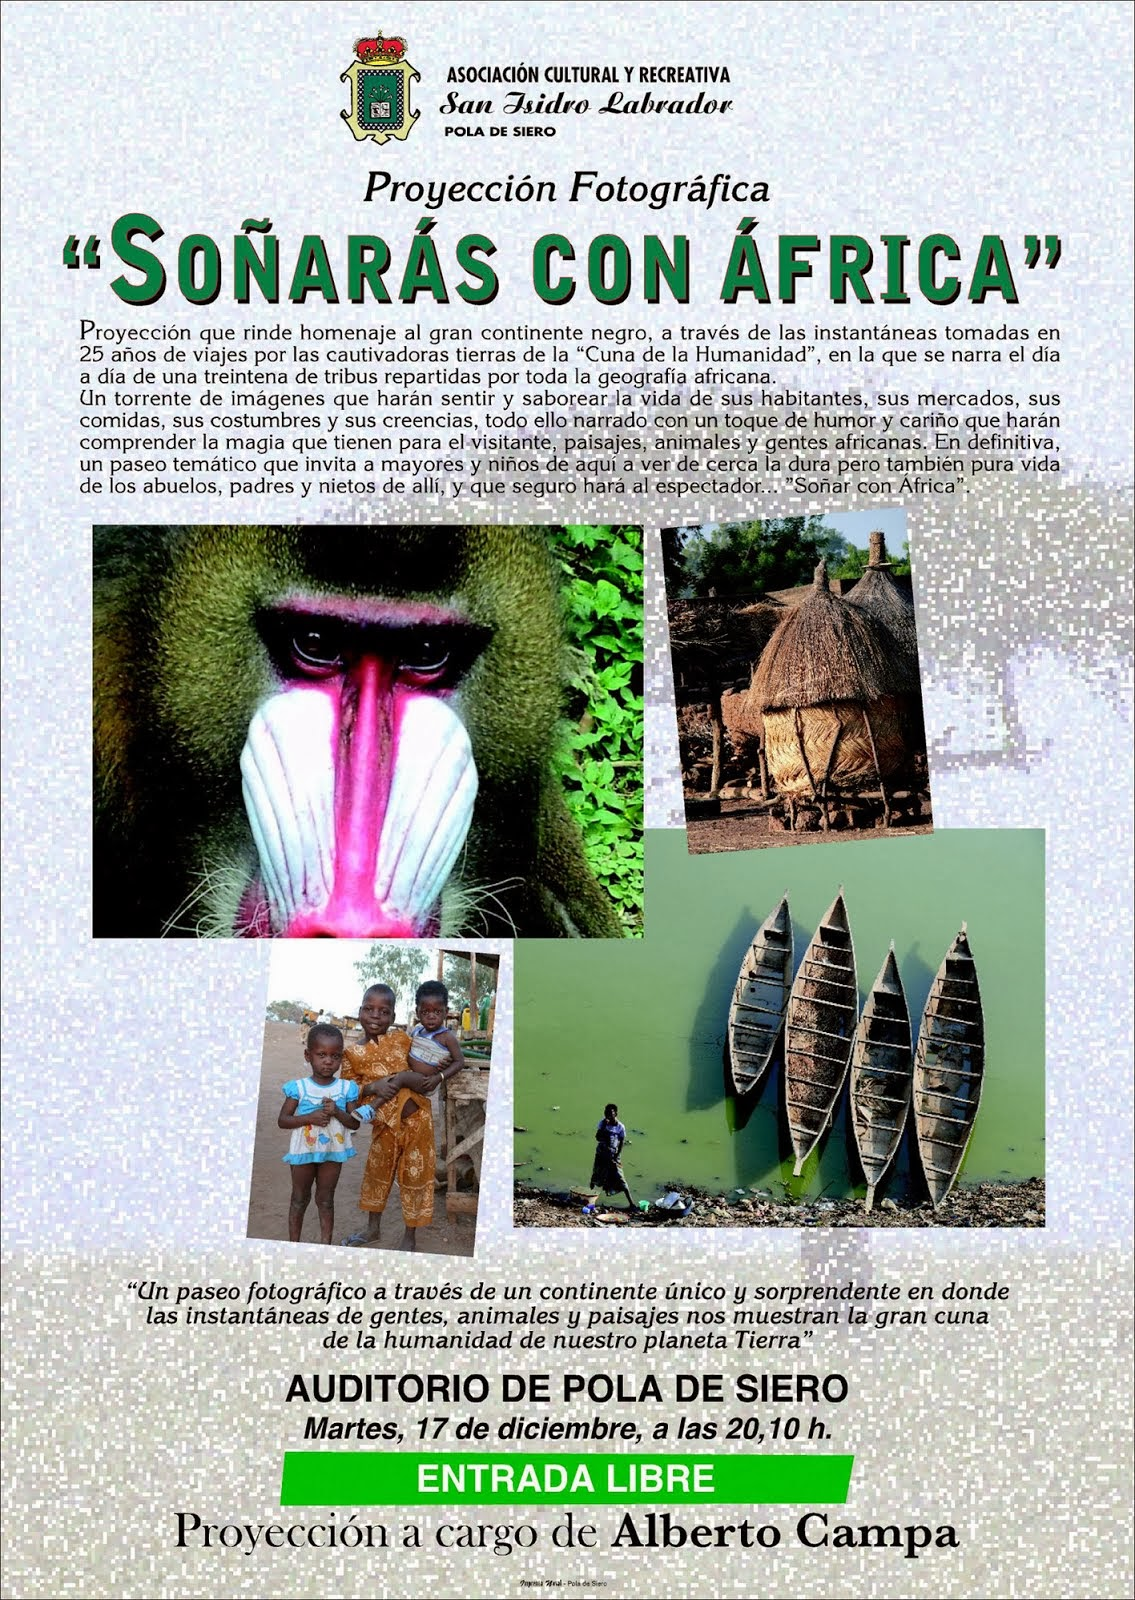 SOÑARAS CON ÁFRICA